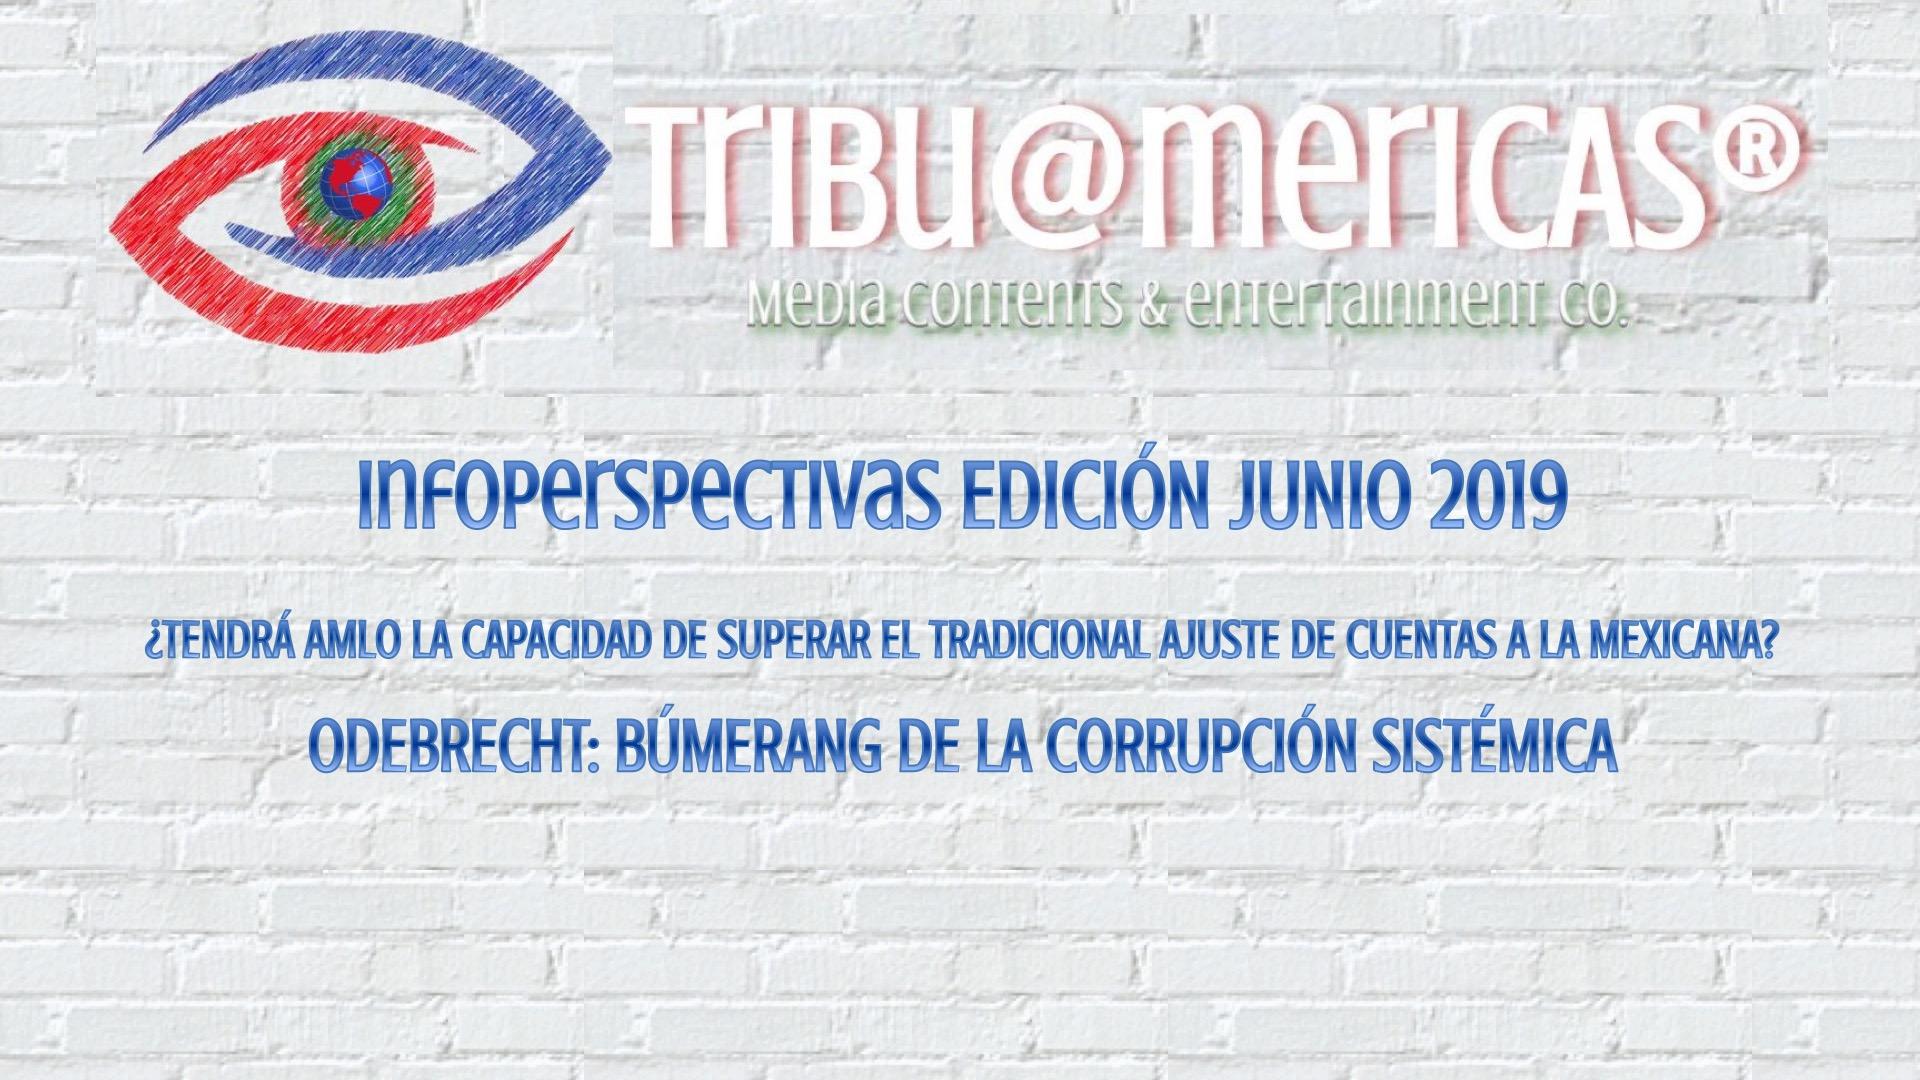 TribuAmericas® Edición de Junio 2019